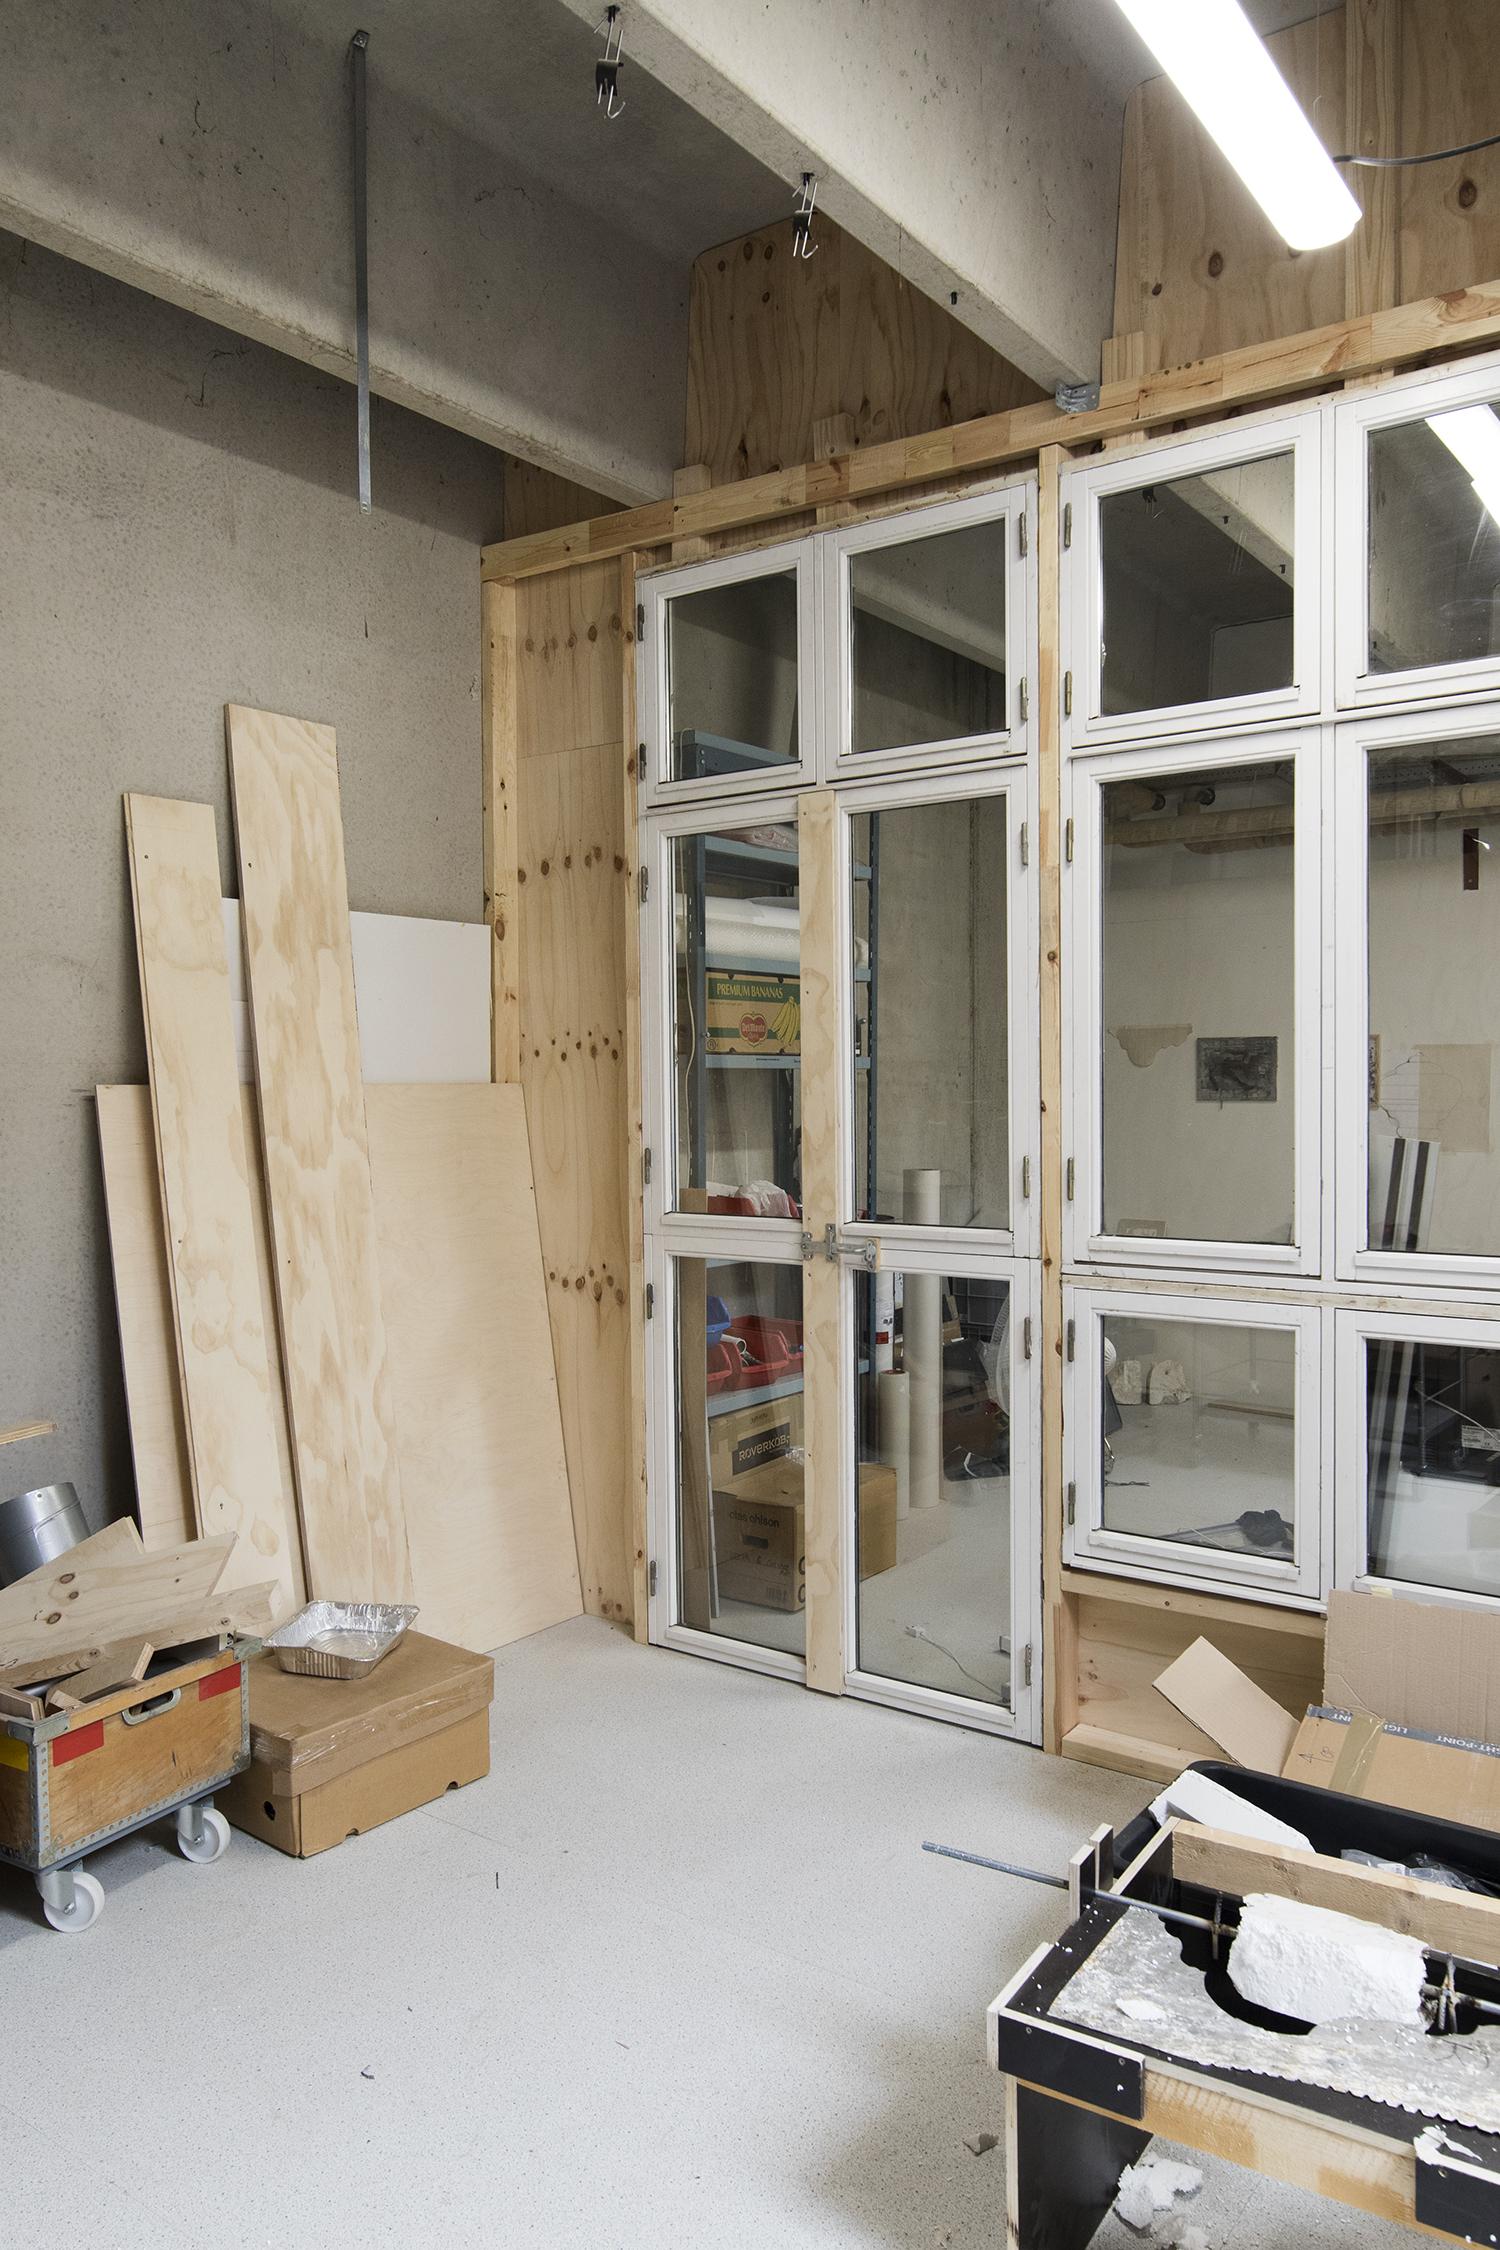 Hjørne i Jacob Alrøs atelier med indbygget støvfrit rum. Foto © I DO ART Agency.